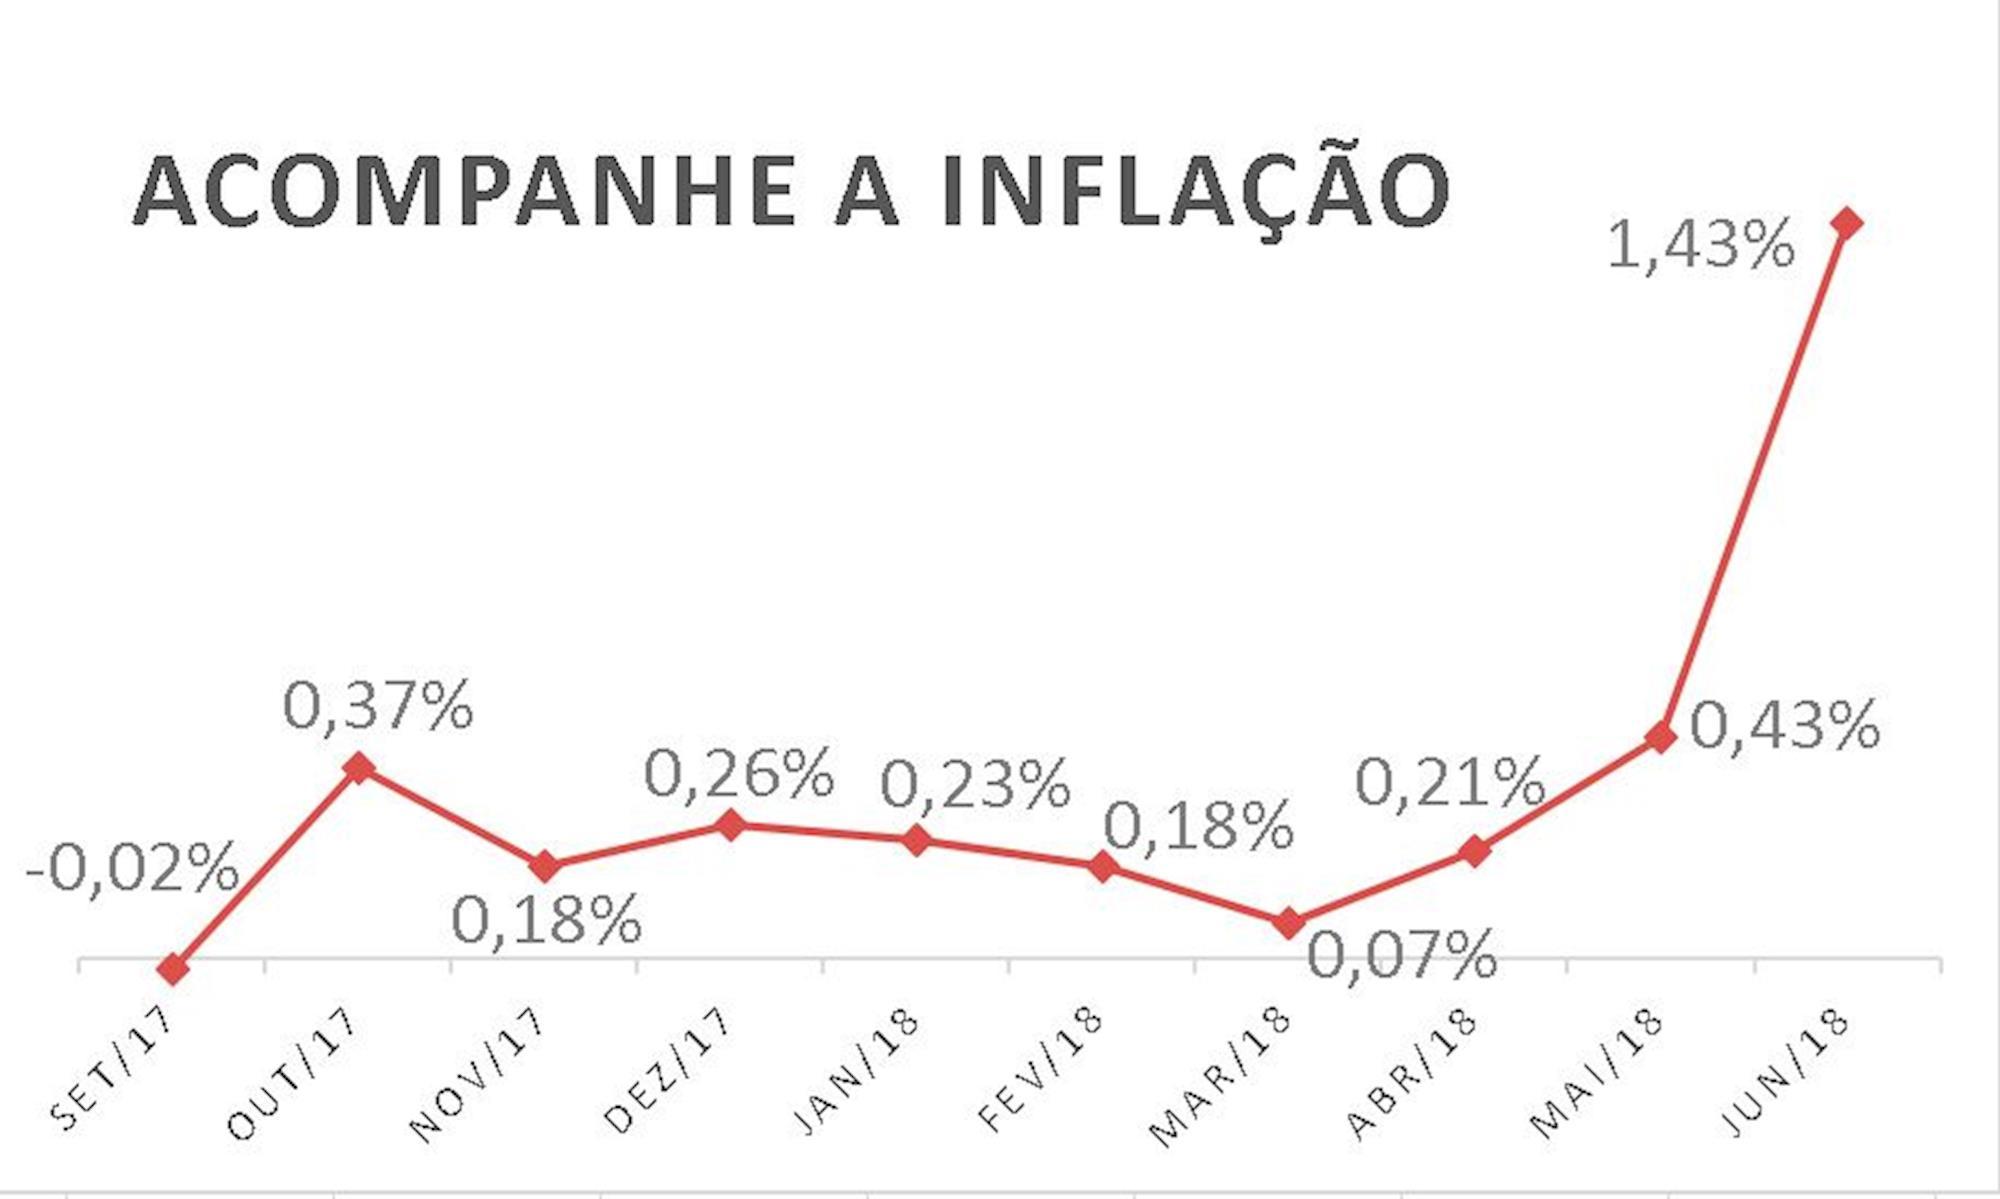 inflação, , Fonte: Dieese Sorocaba